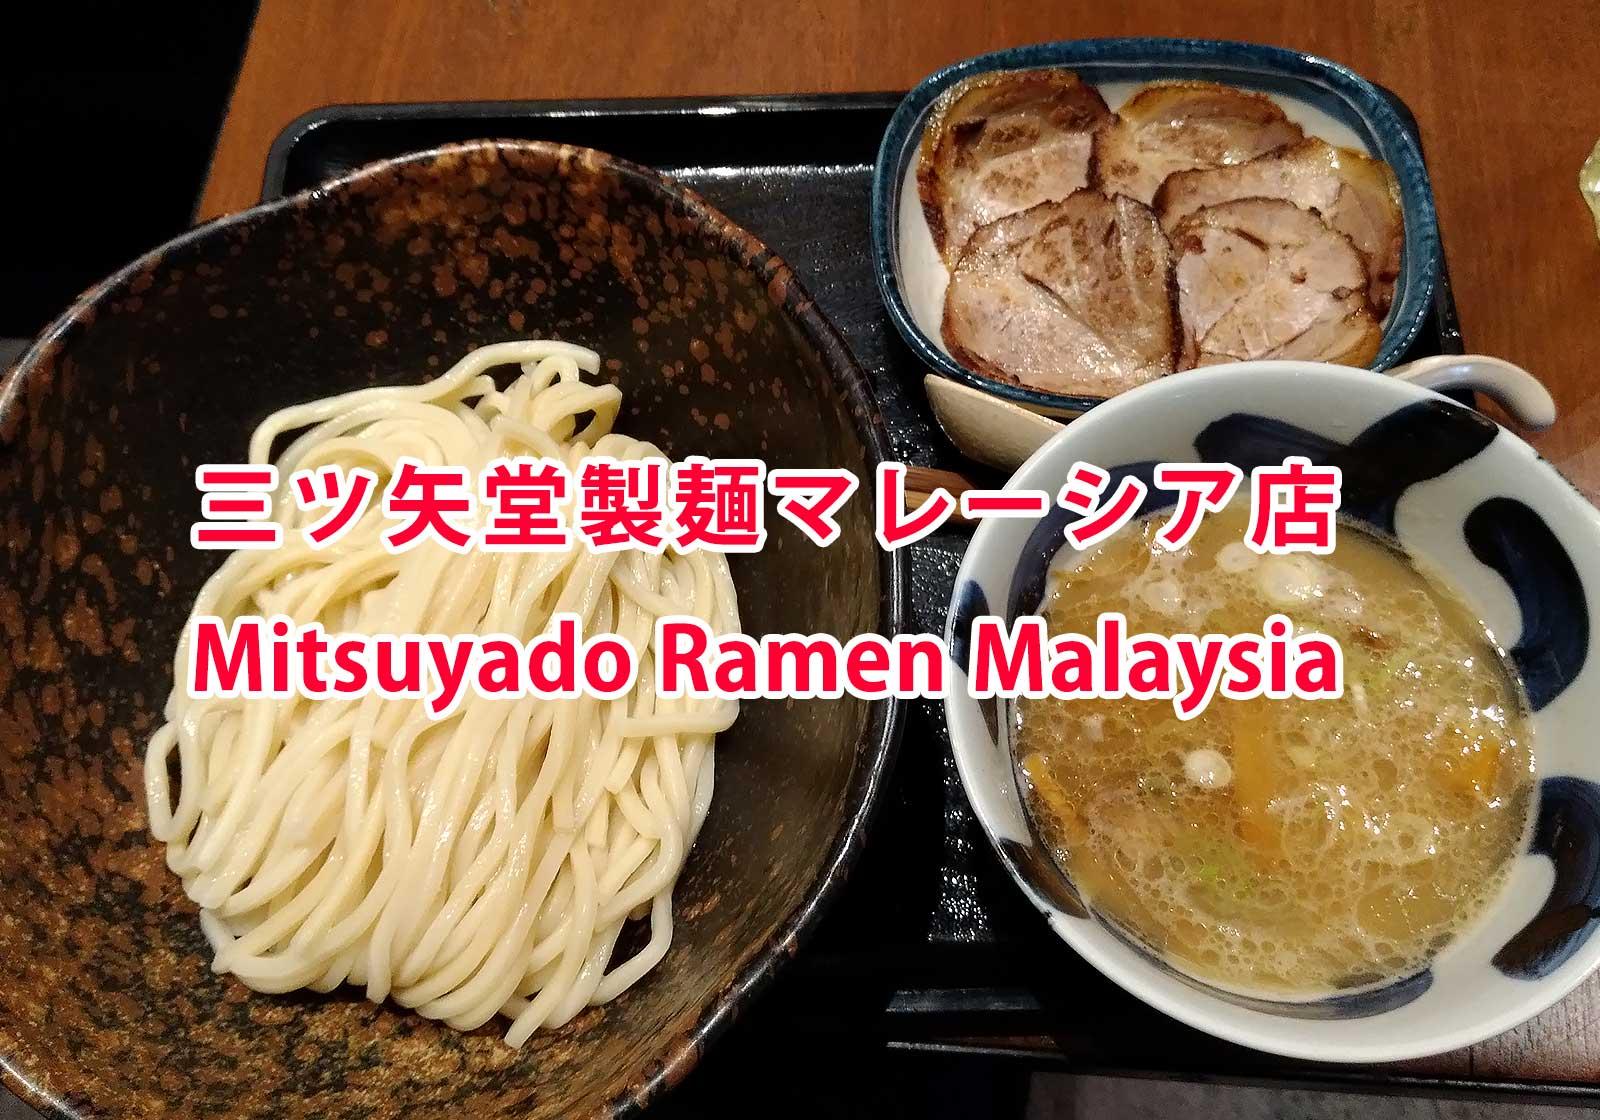 ゆず風味のつけ麺が大人気!三ツ矢堂製麺マレーシア店の紹介 〜Mitsuyado Ramen Malaysia〜